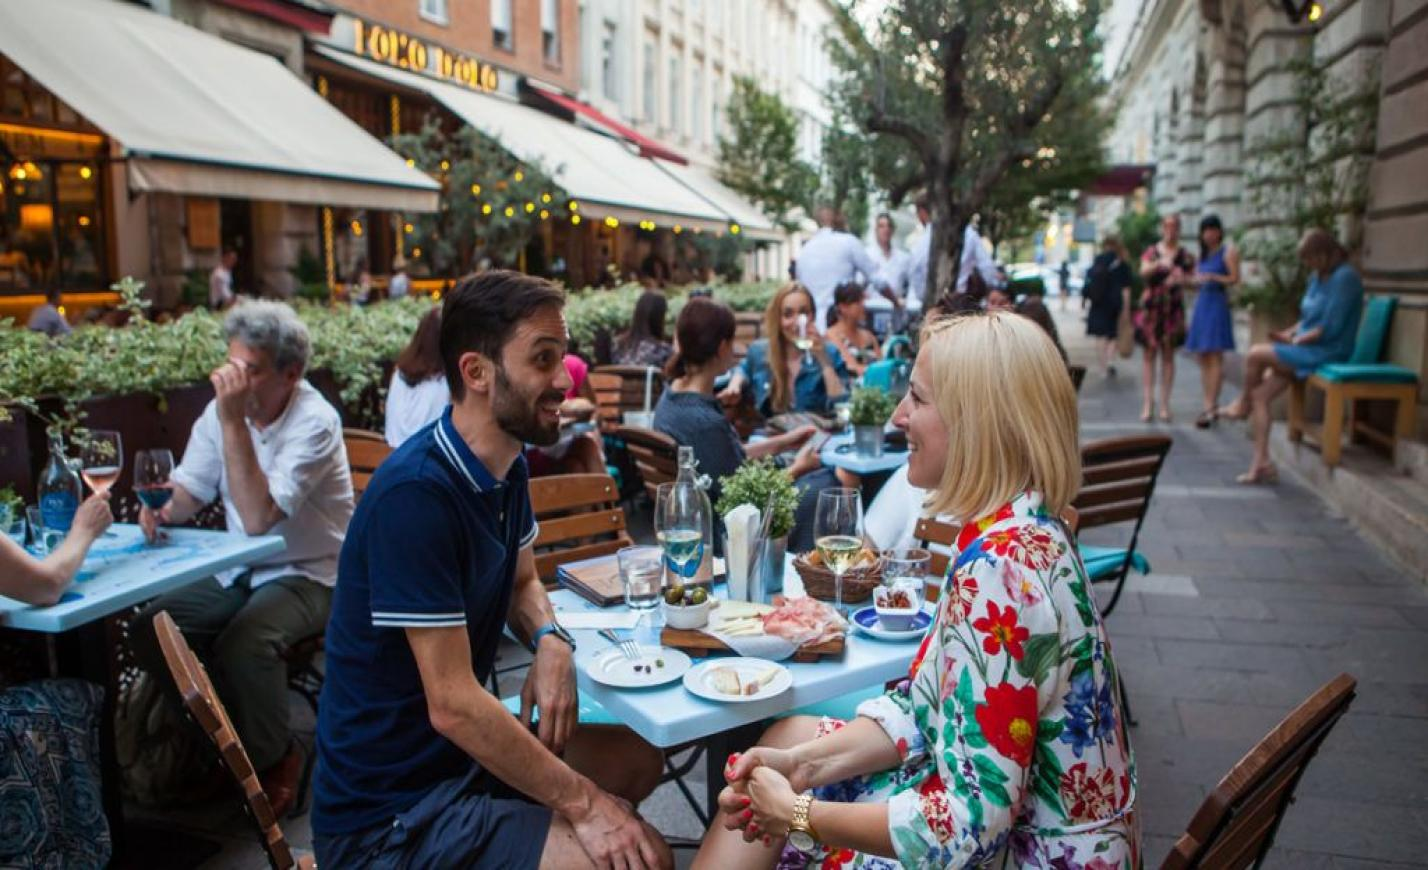 Via Italia – egy olasz gasztro utca Budapest szívében (x)